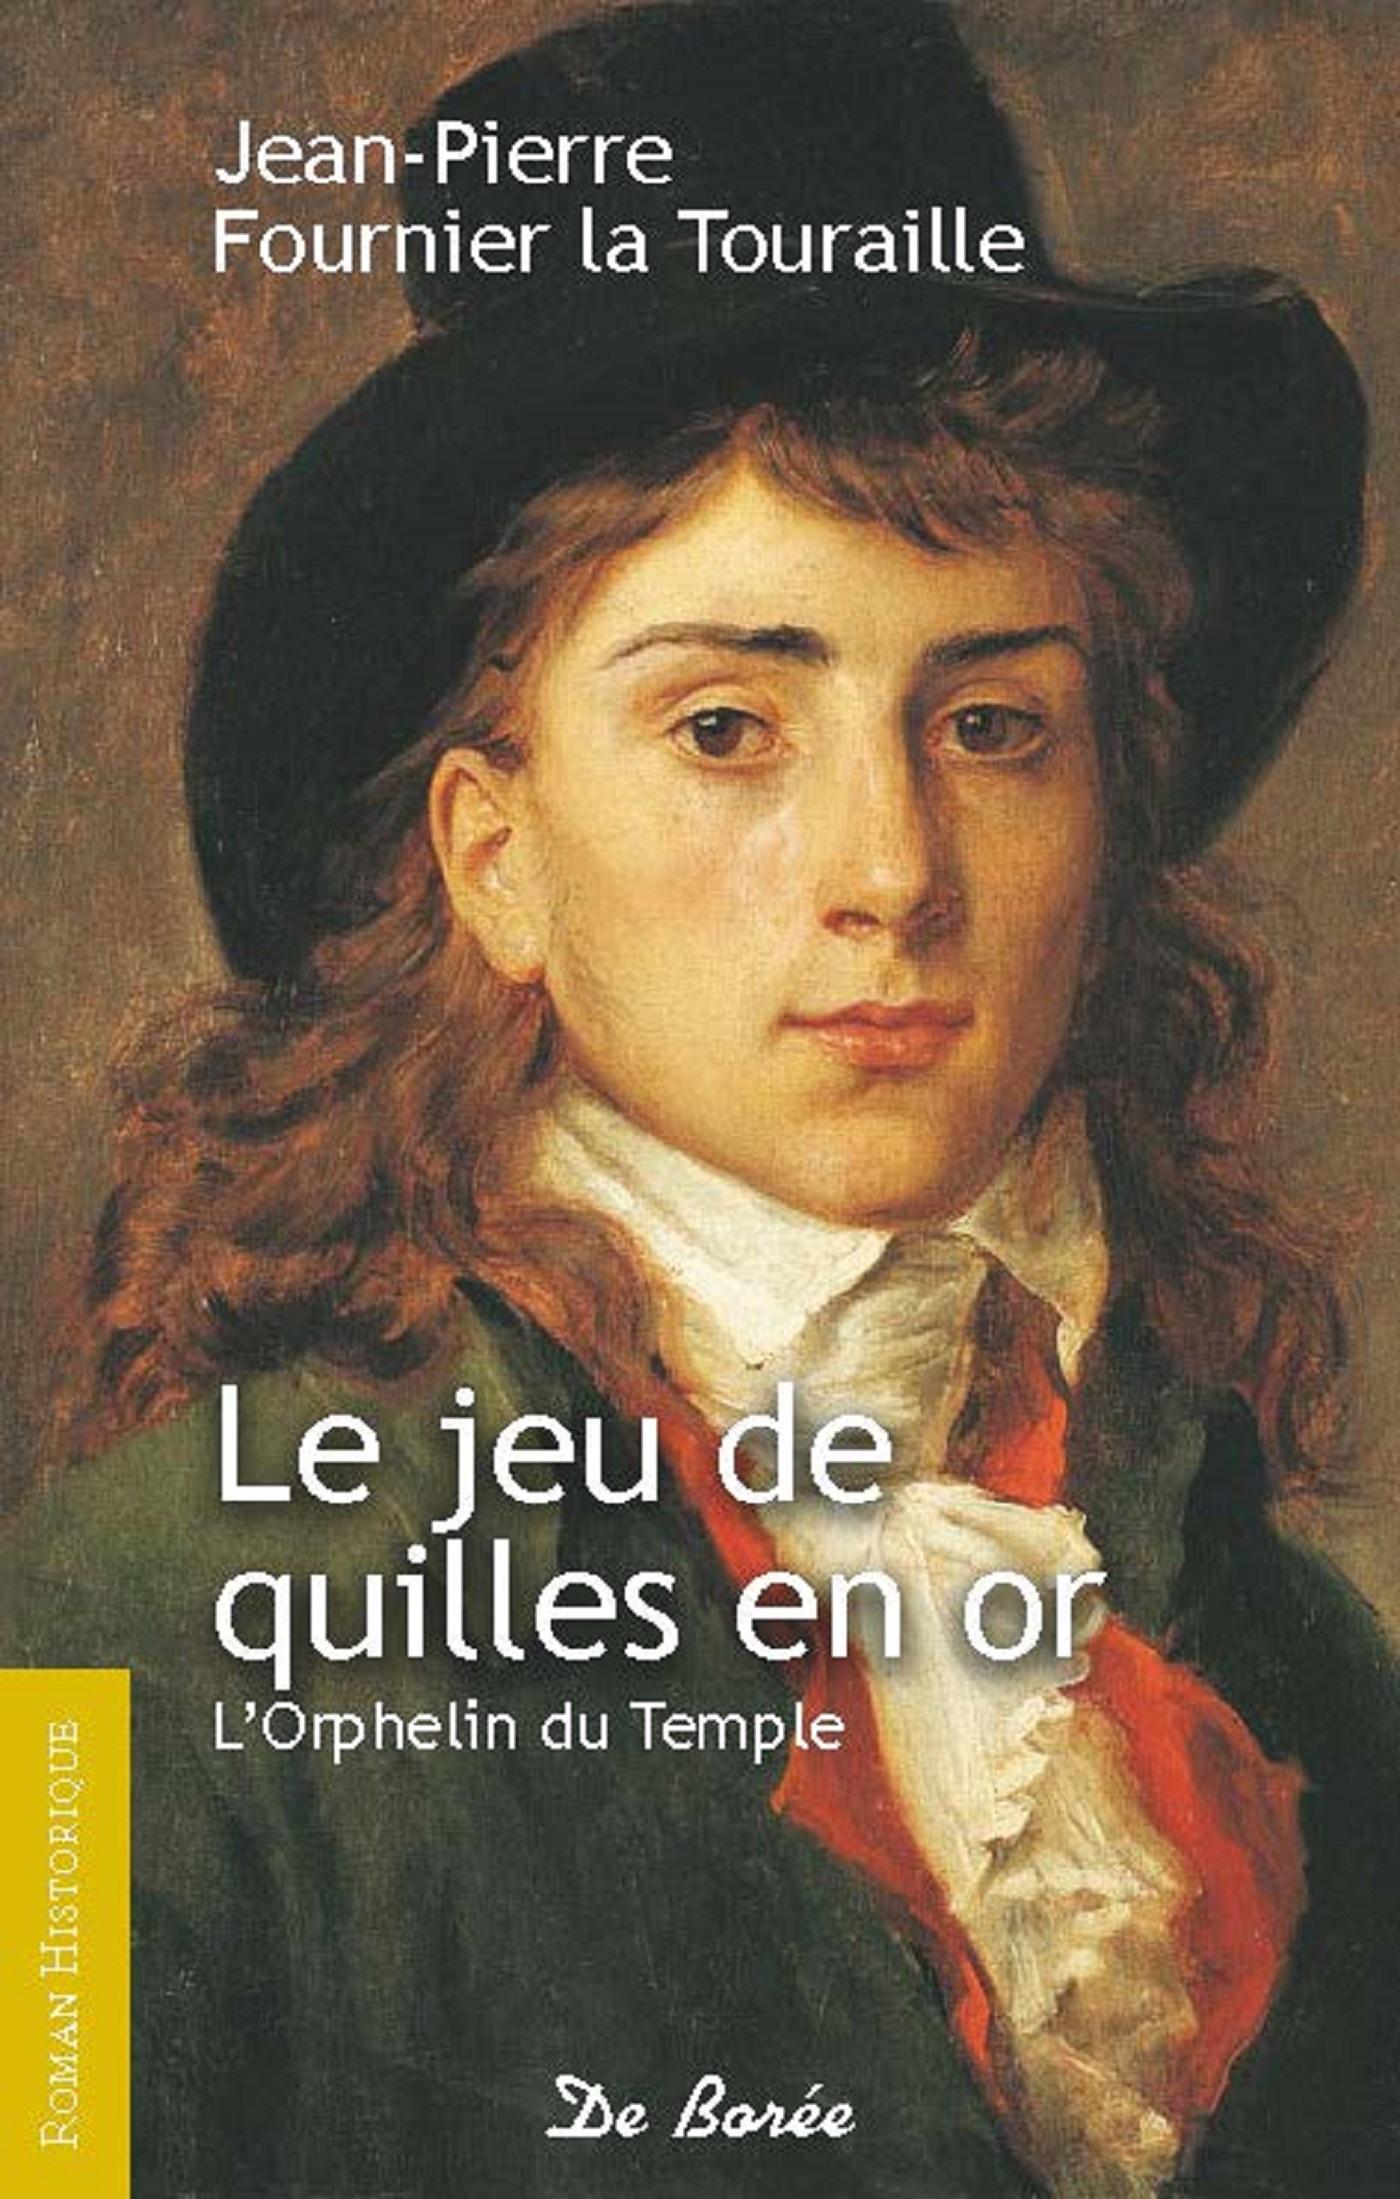 JEU DE QUILLE EN OR (LE)